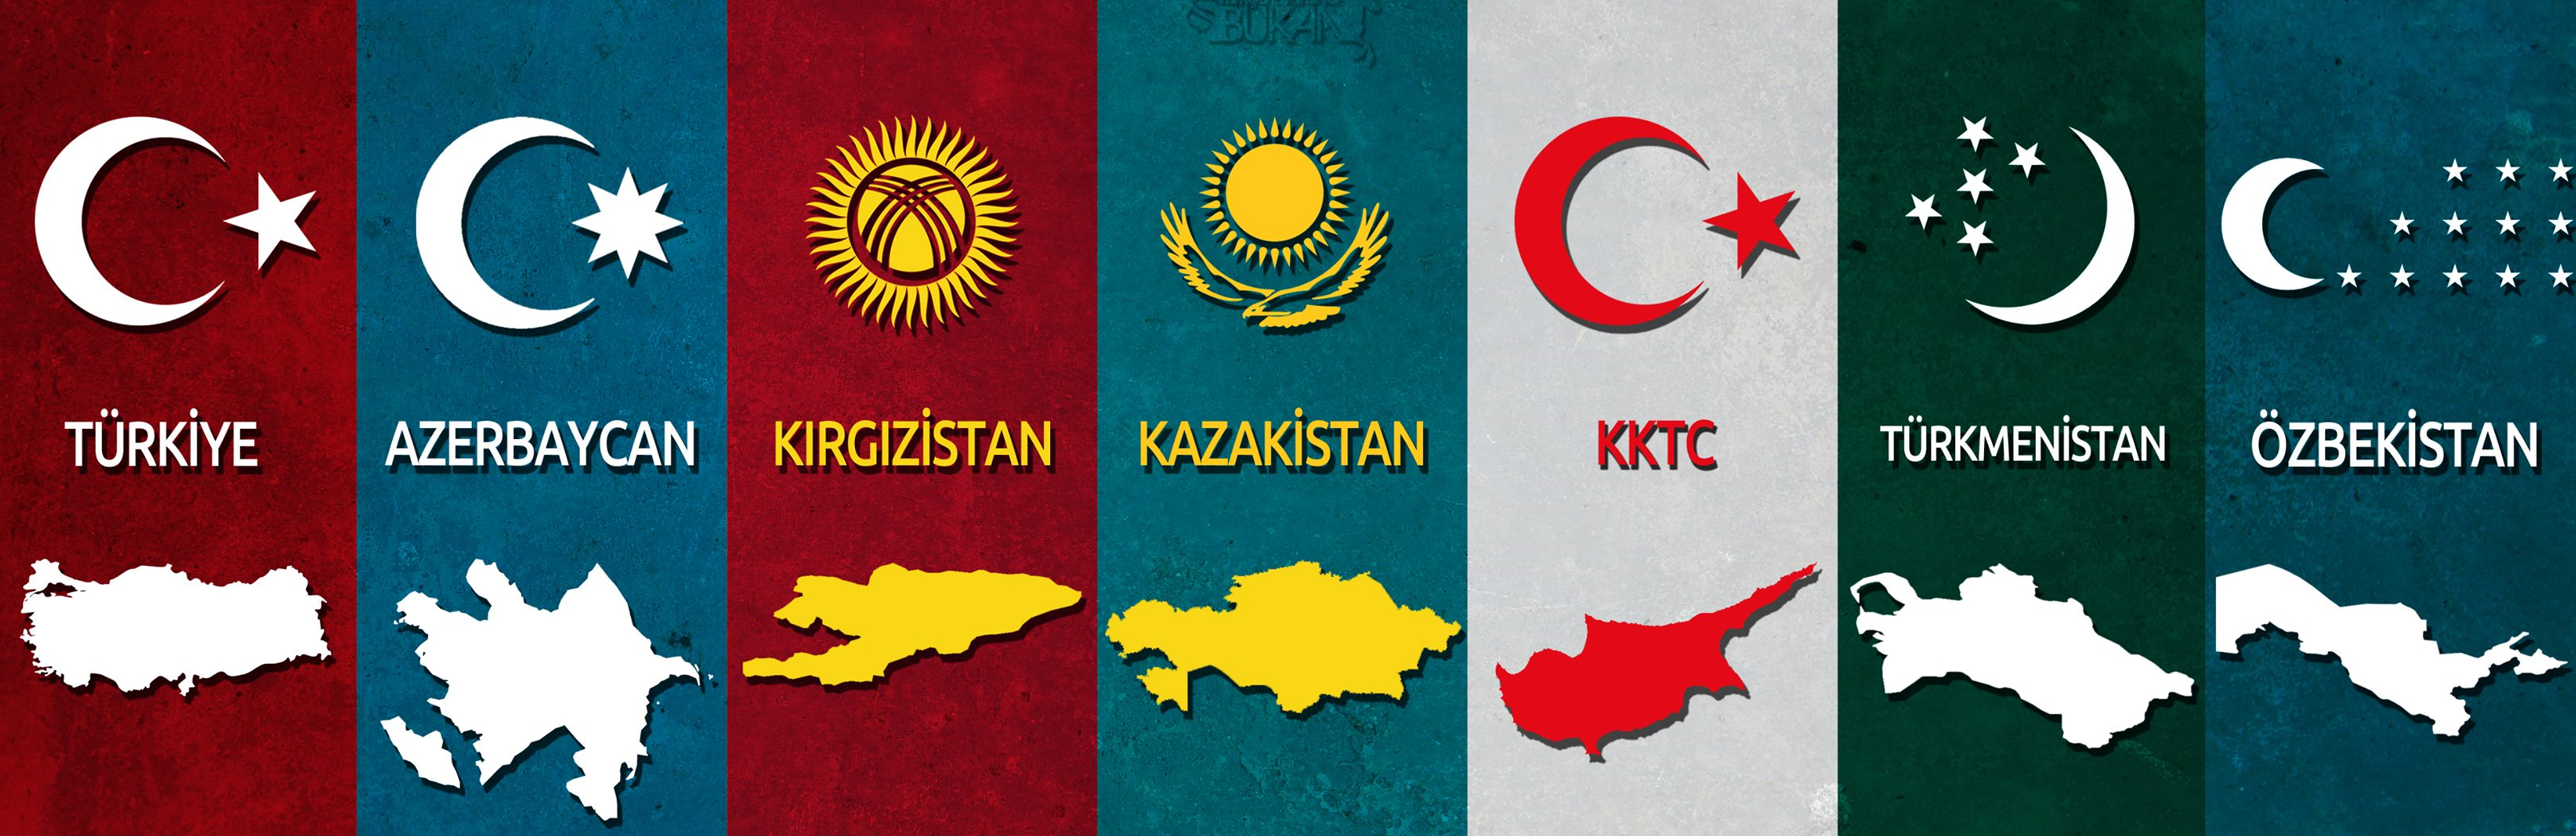 Türk dünyası